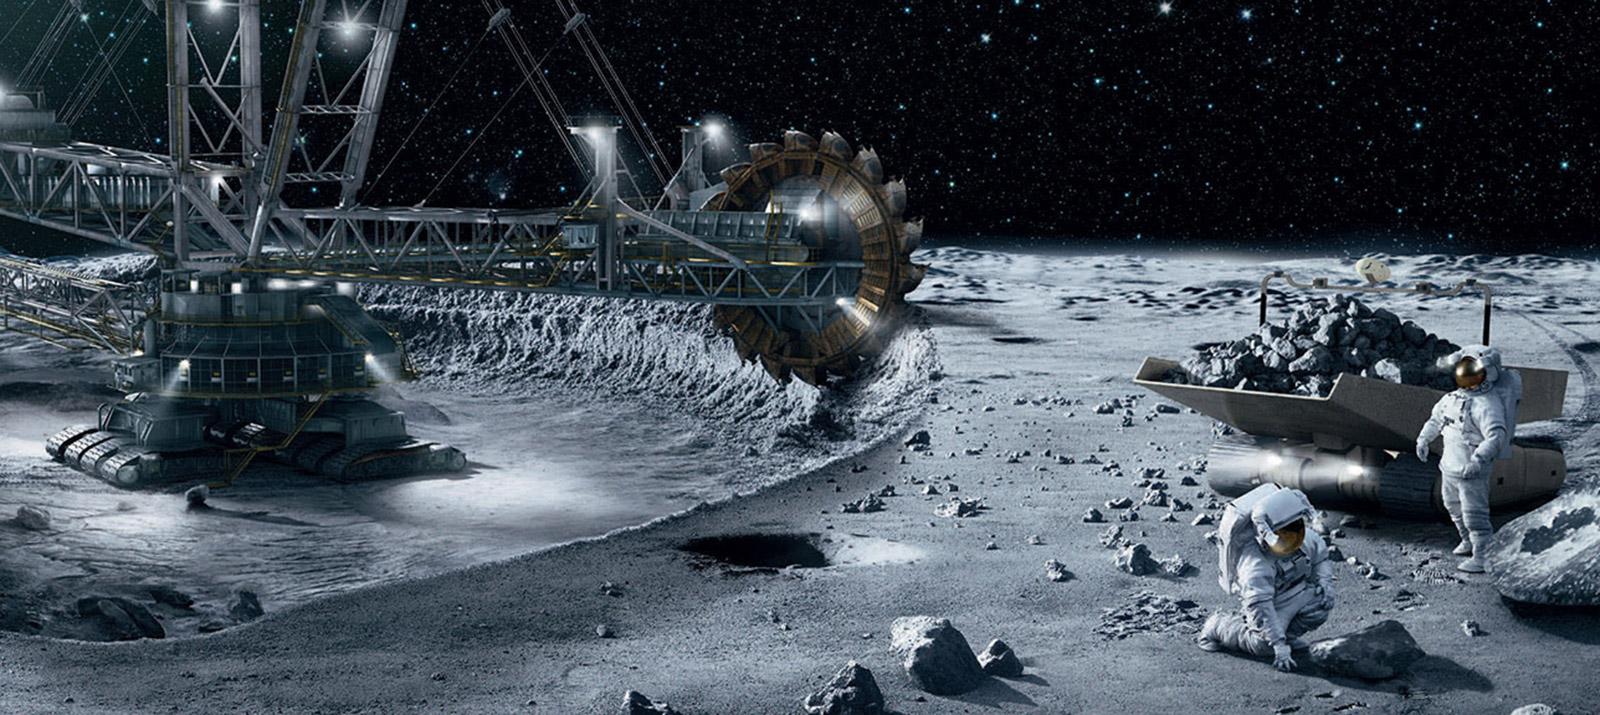 8 стран подписало договор о добыче ресурсов на Луне